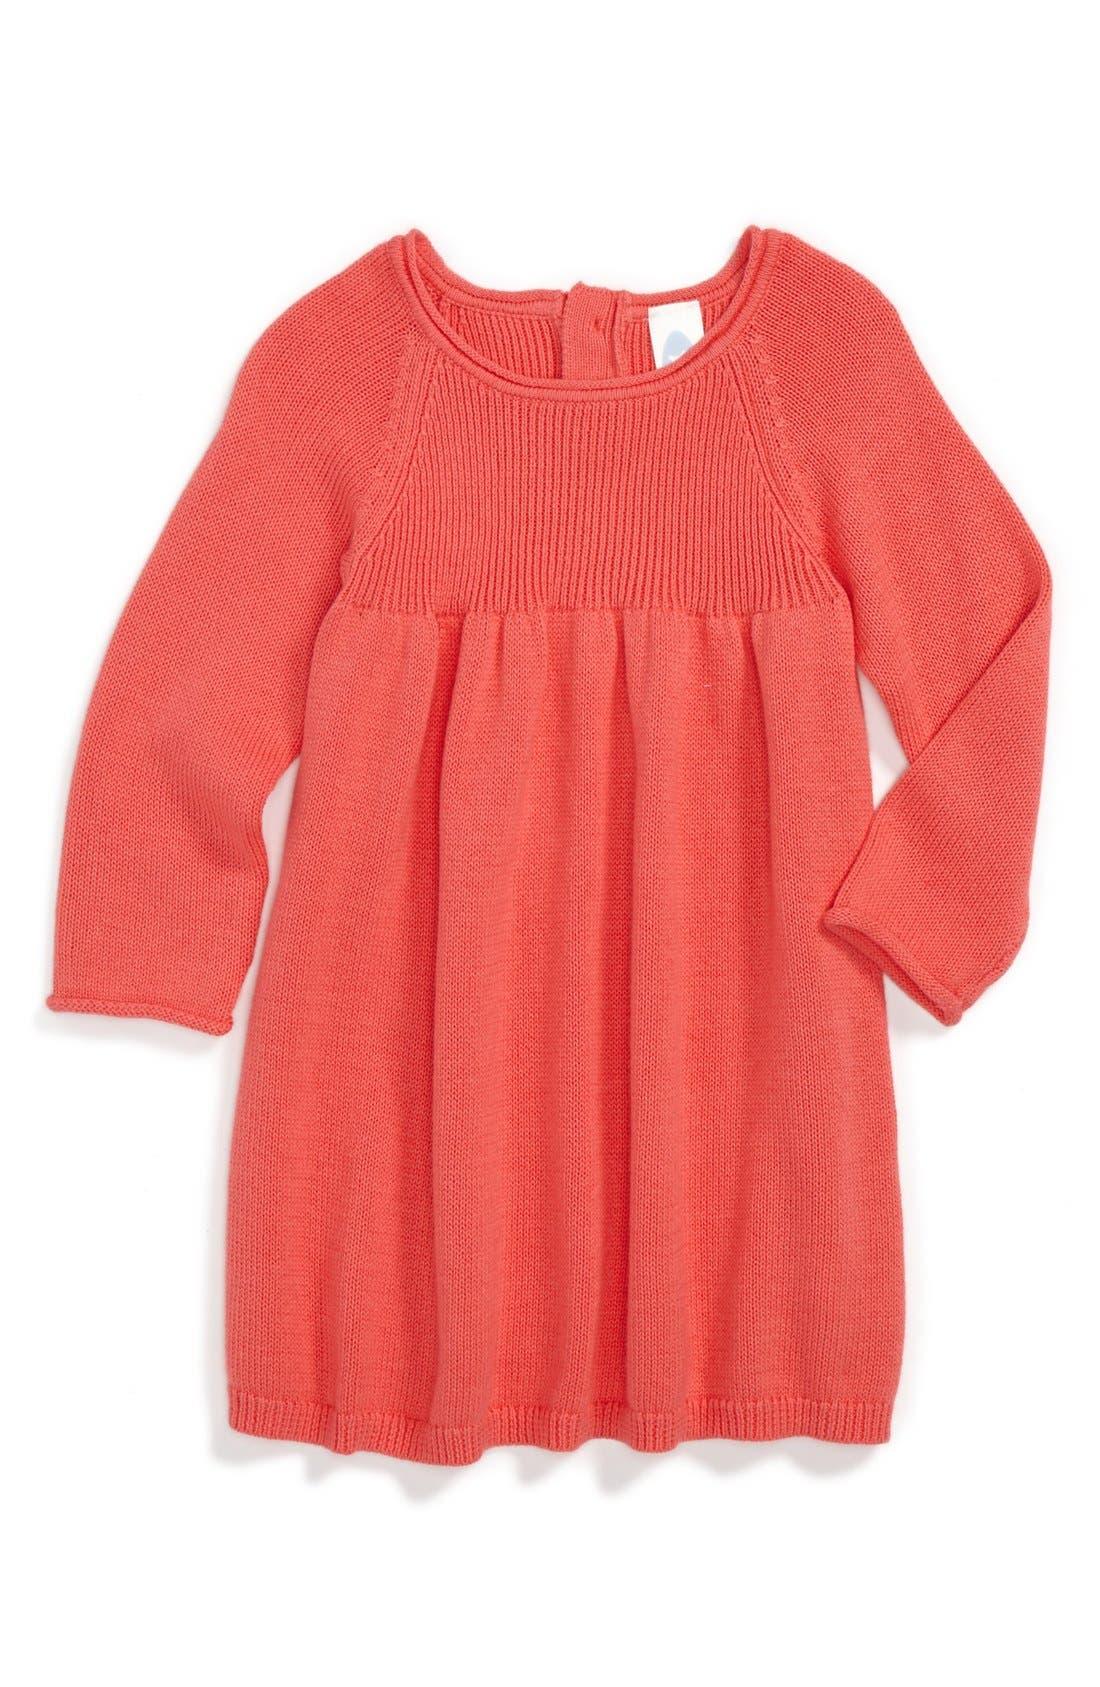 Main Image - Stem Baby Sweater Dress (Baby Girls)